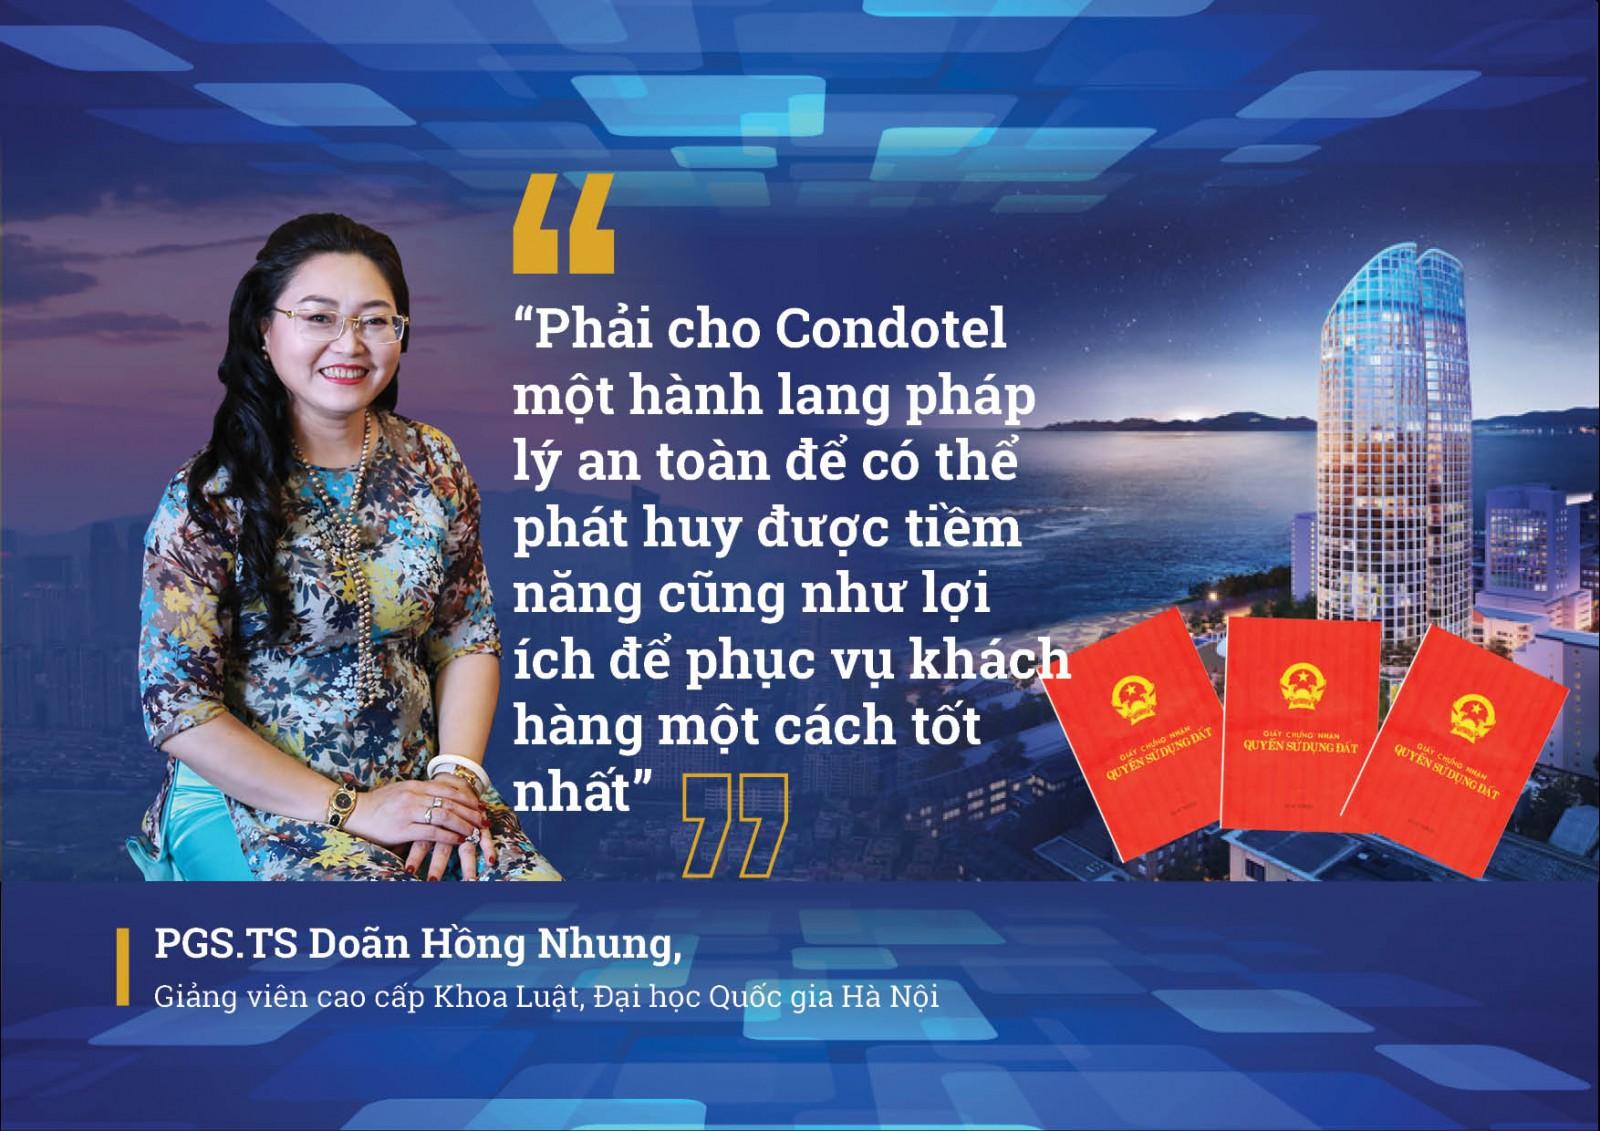 dau-tu-condotel-da-nang-can-can-trong-ve-phap-ly-du-an